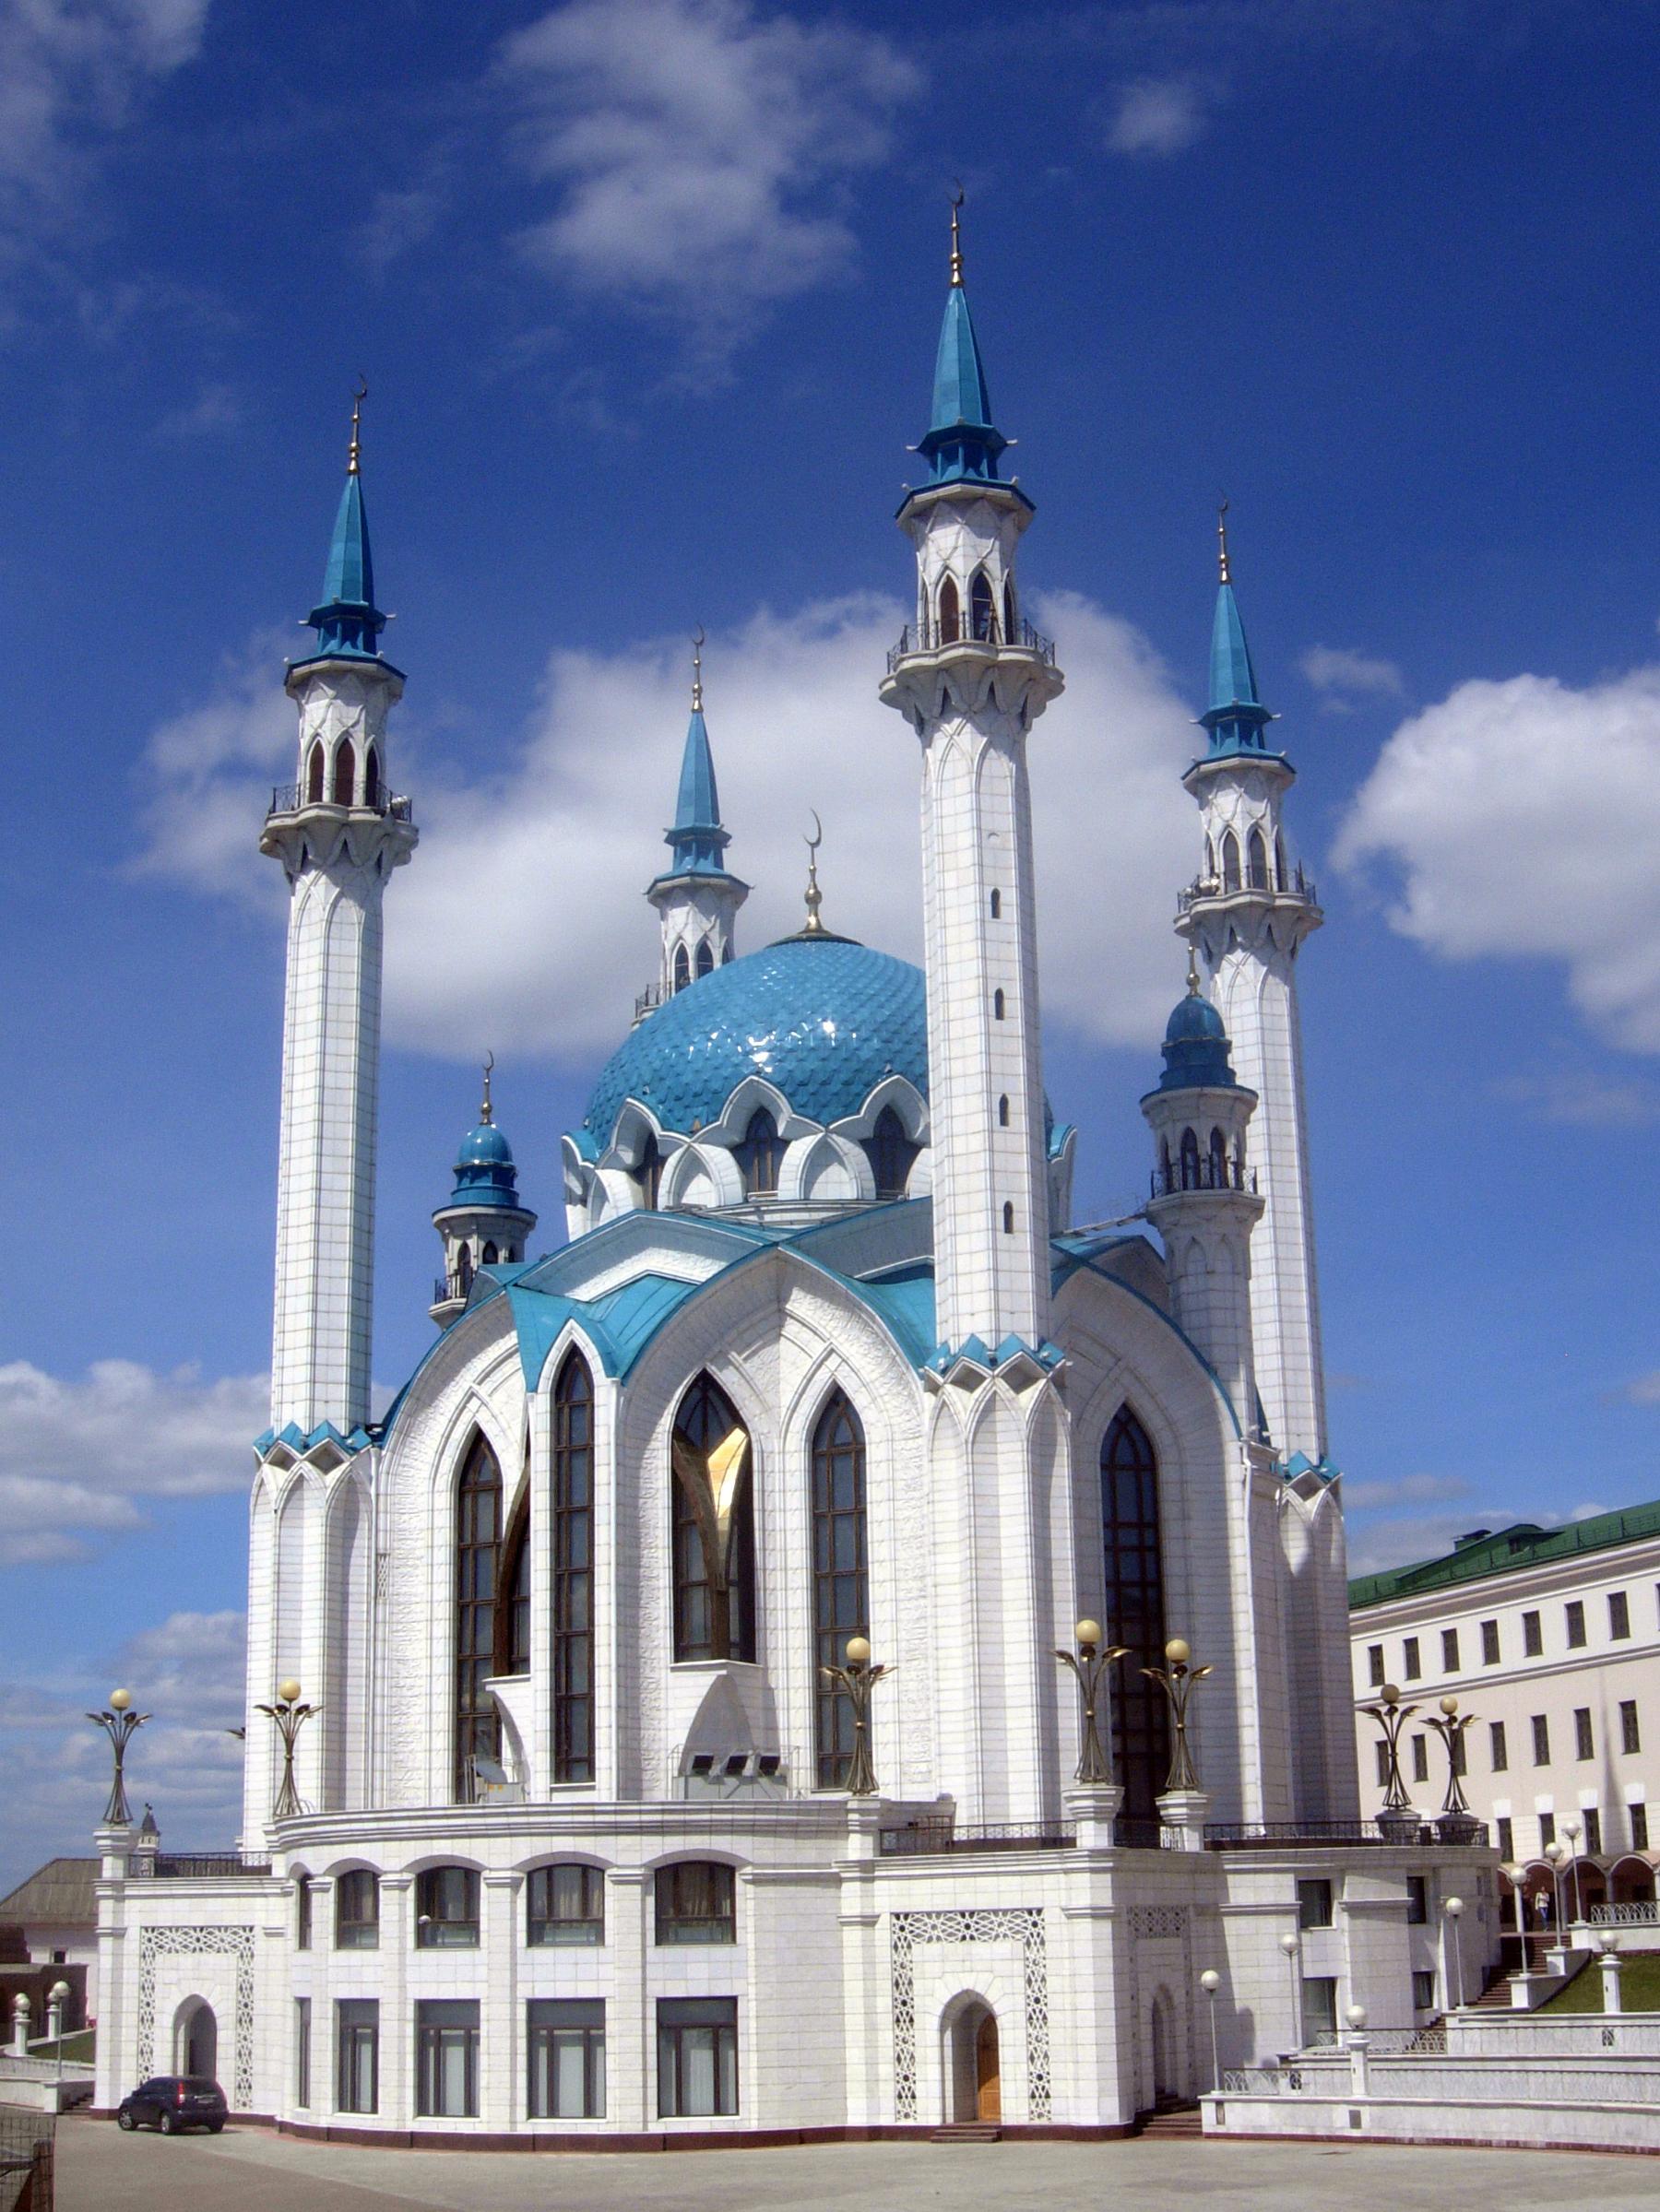 Обои Татарстан, кул шариф, мечеть, Казань. Города foto 17